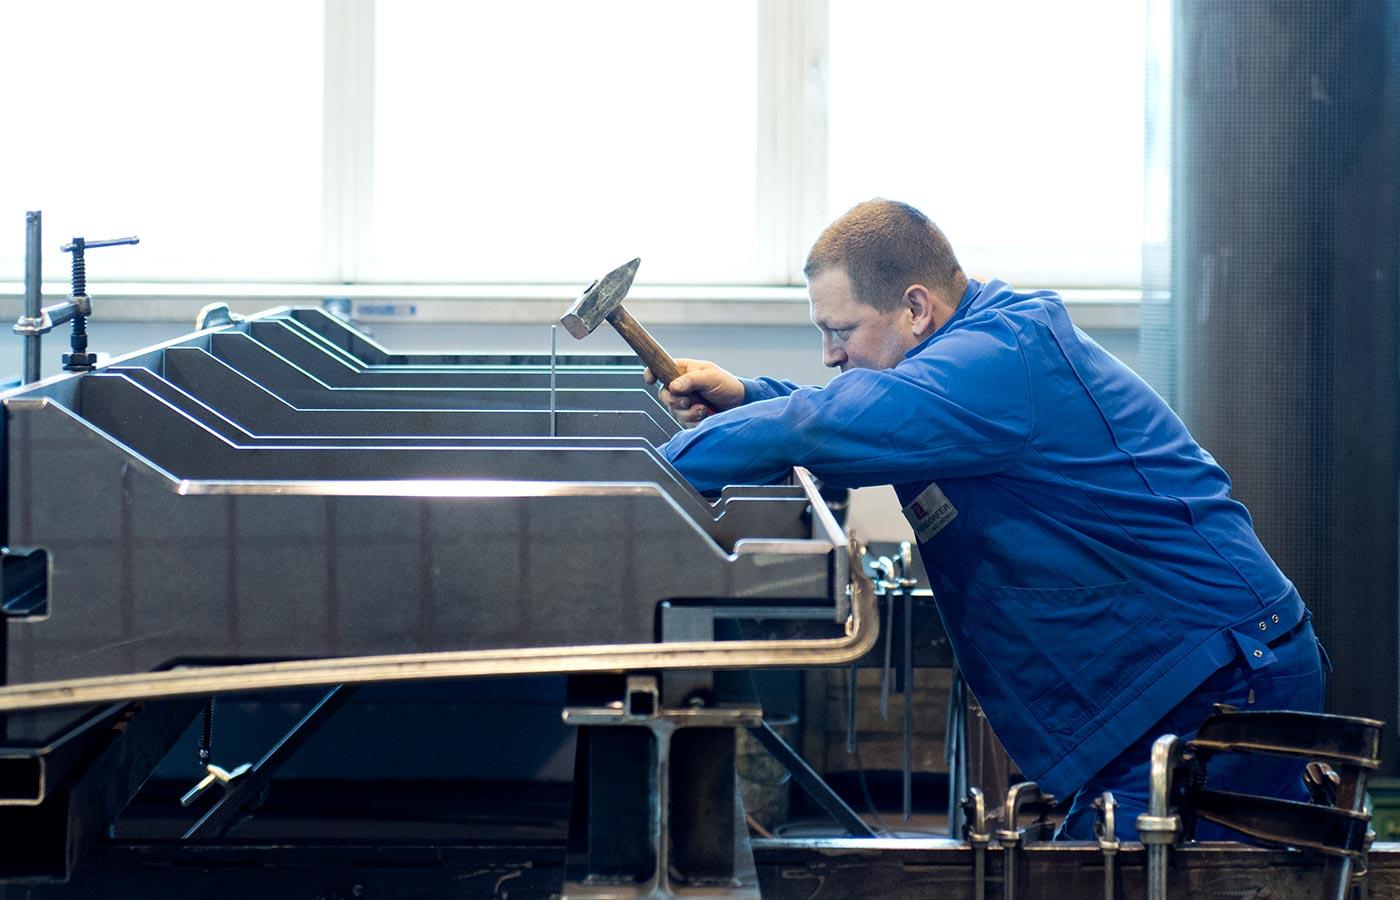 Maschinenbau bei Perndorfer